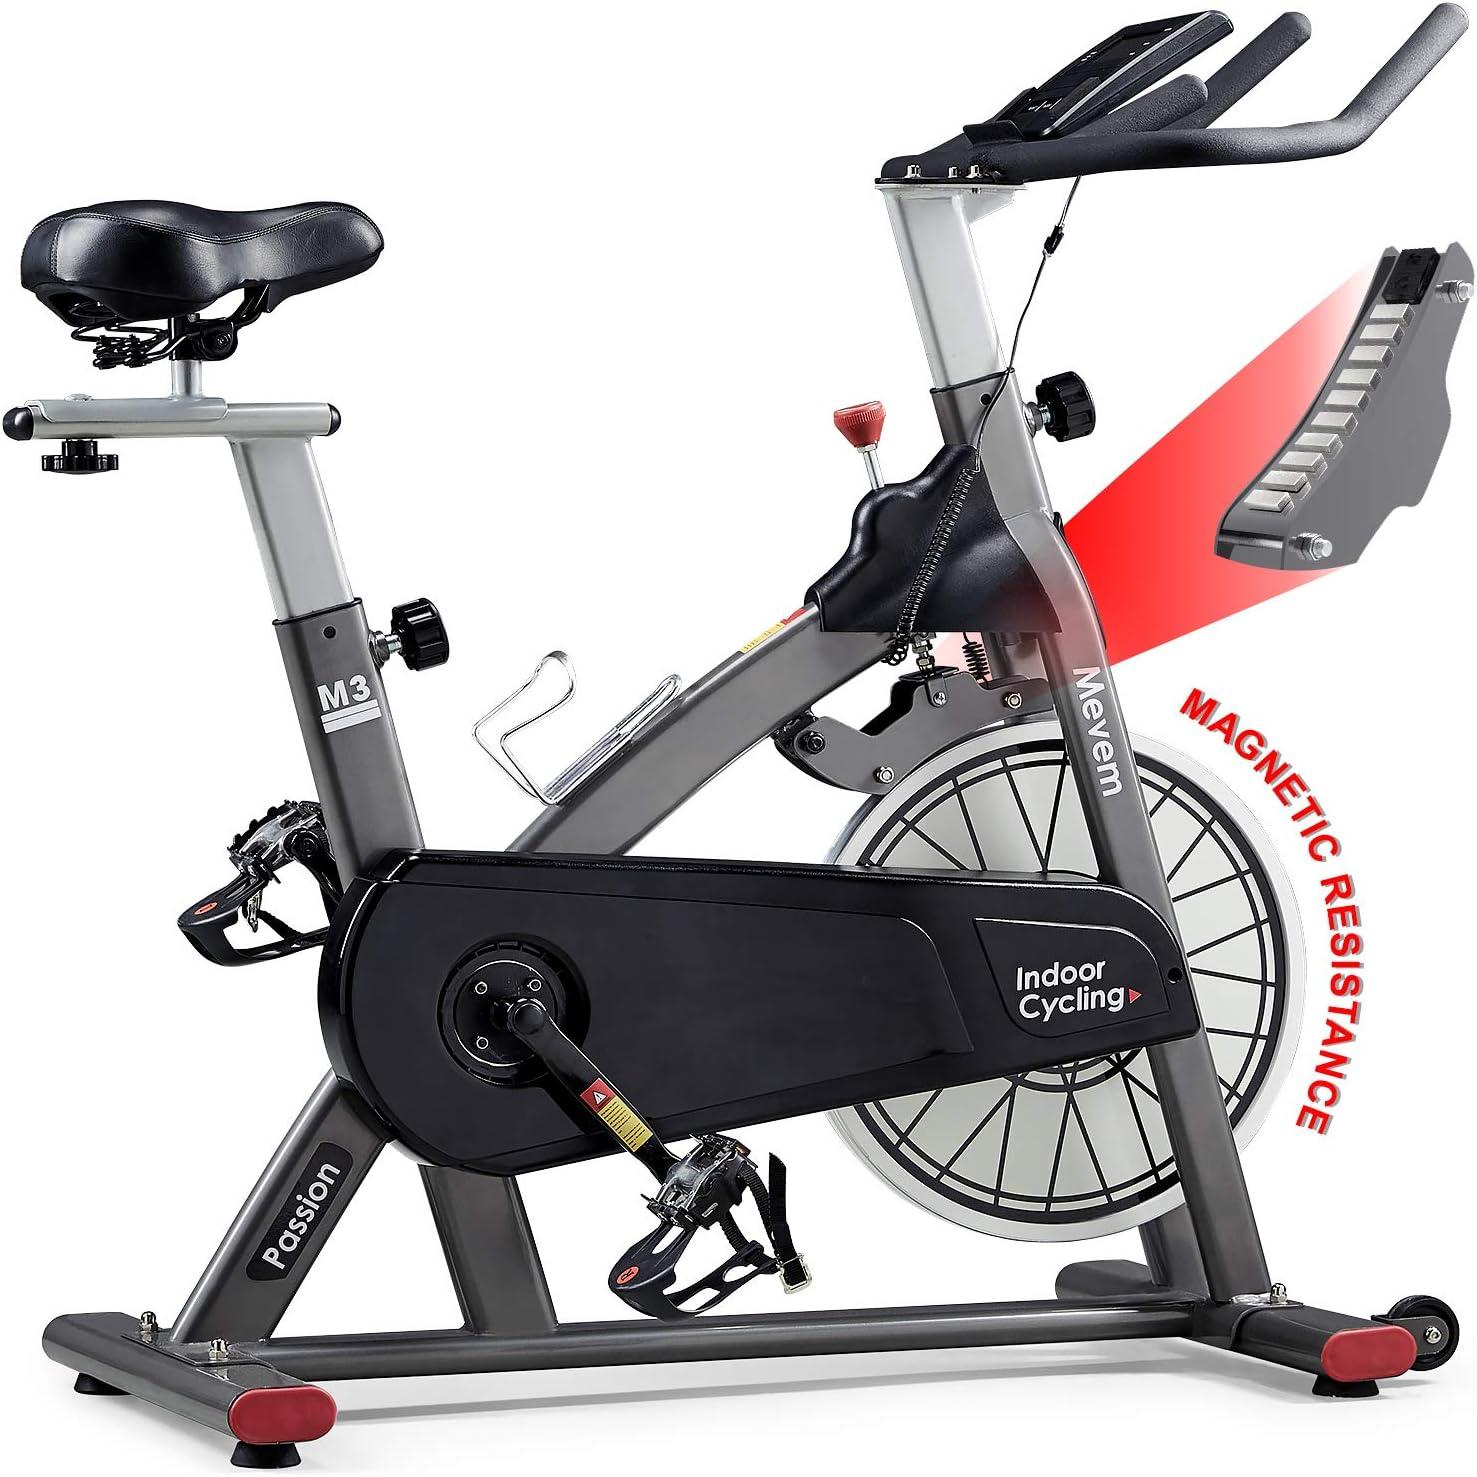 MEVEM - Correa de ciclismo para interiores y exteriores, magnética ...